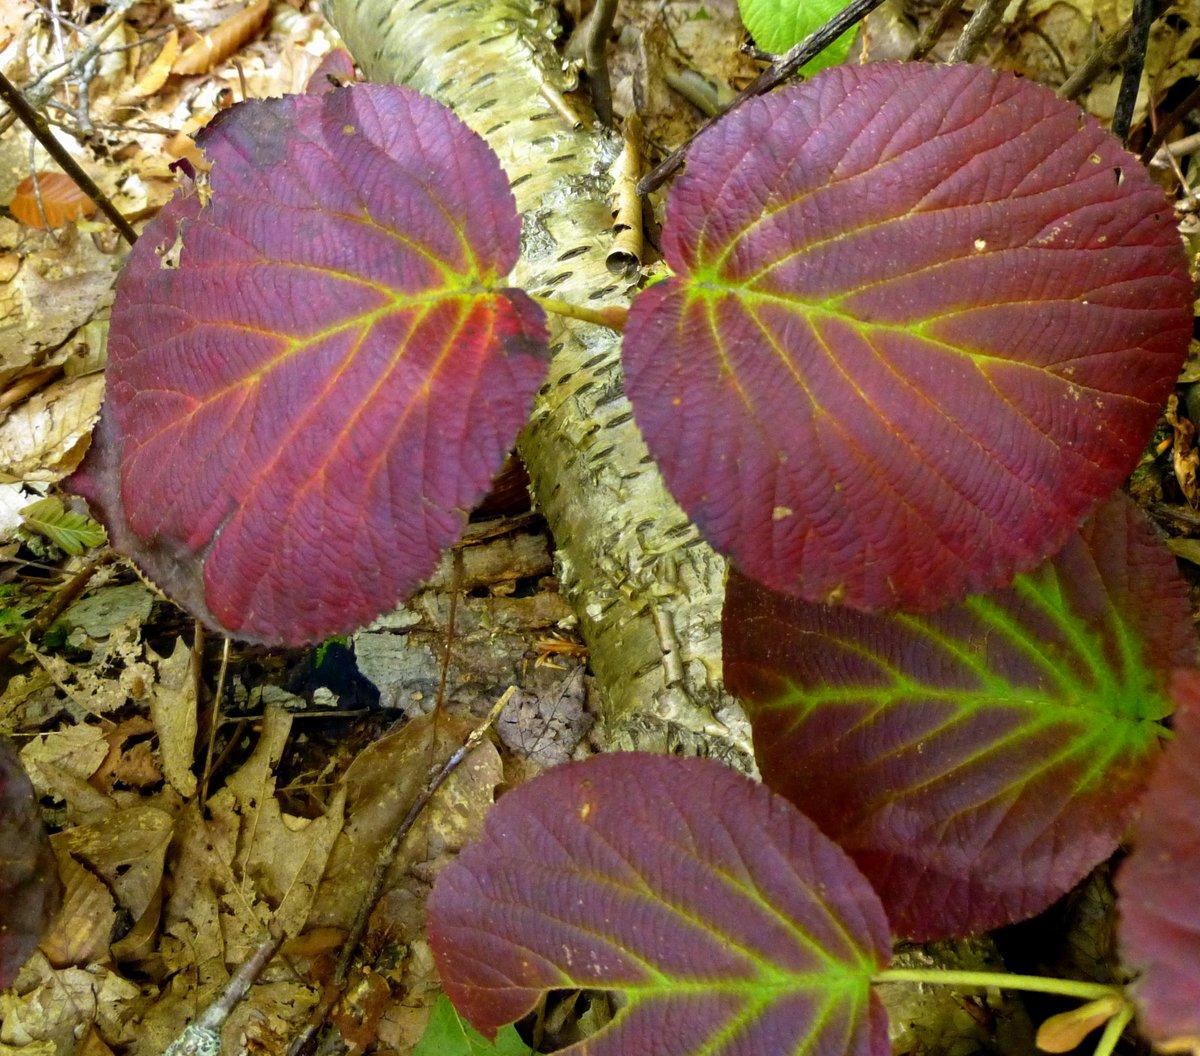 8. Hobblebush Leaves